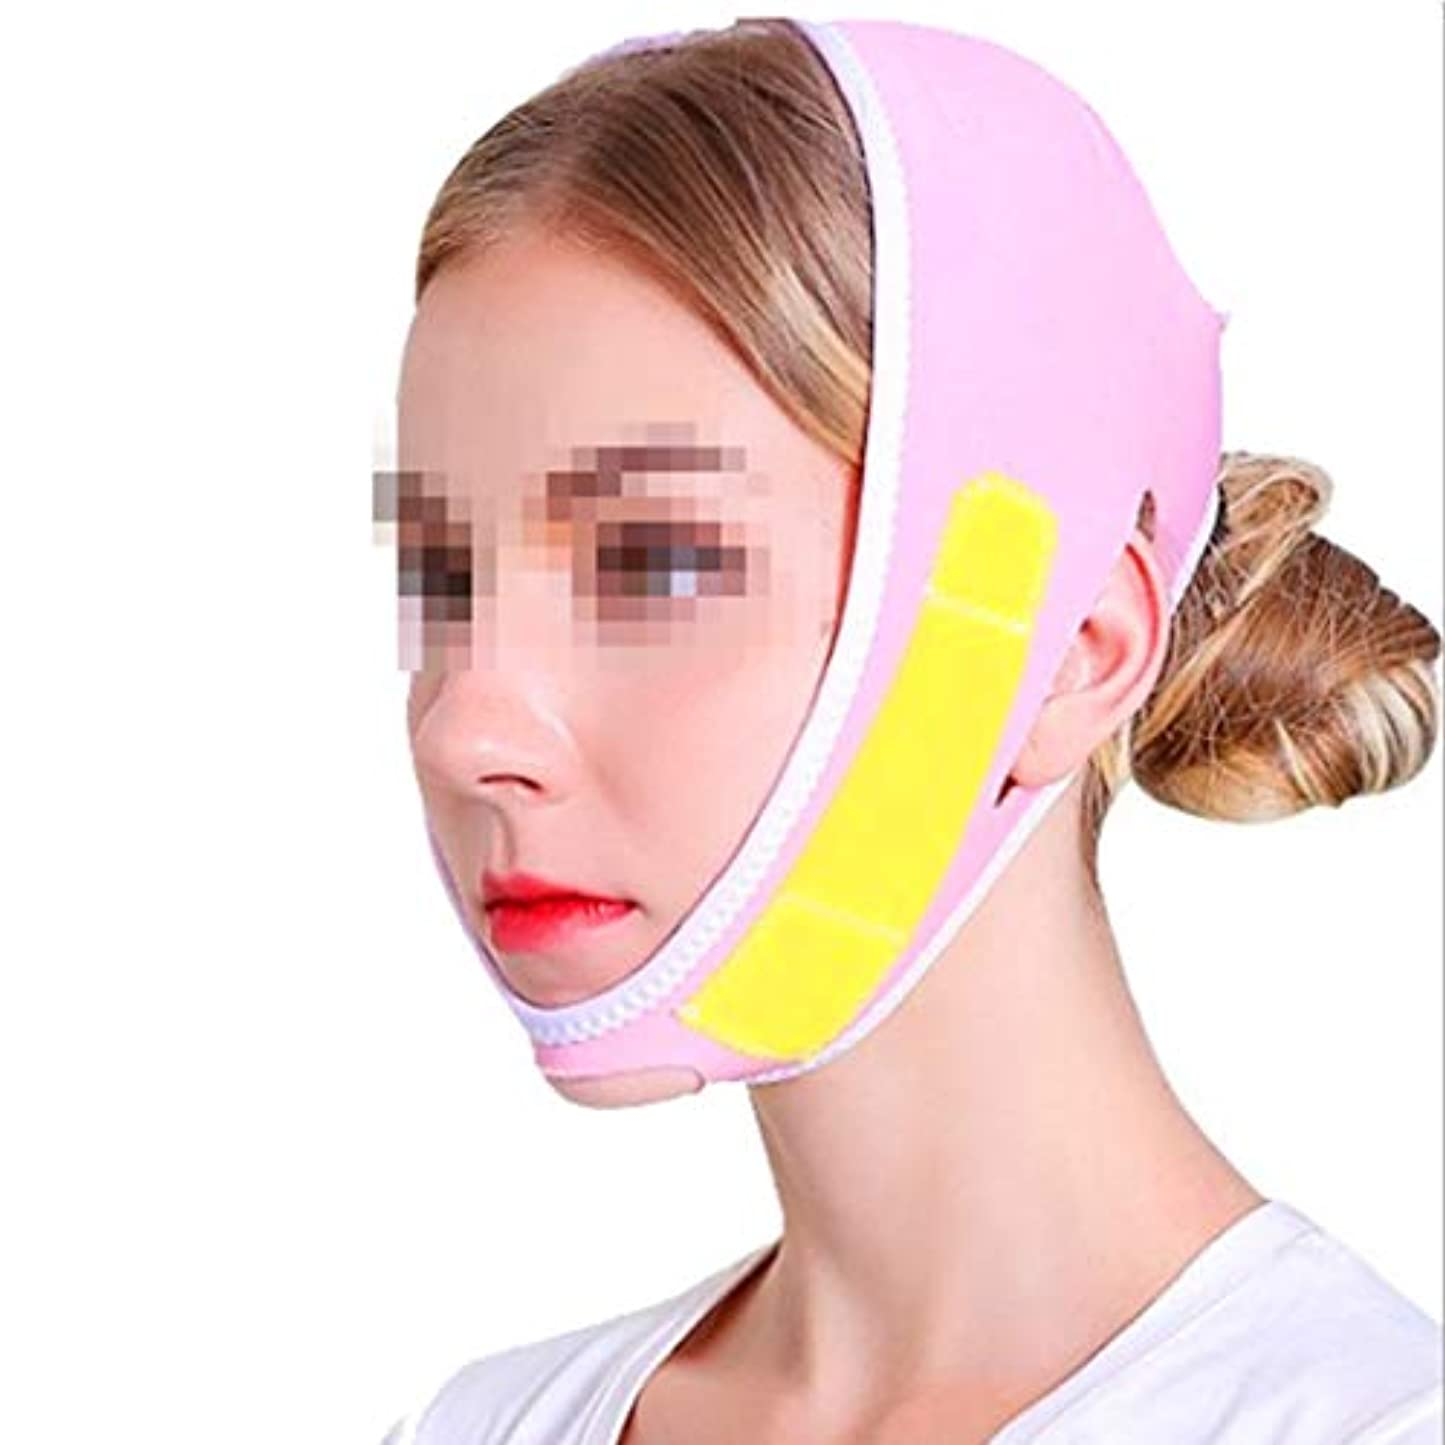 運動するハシー摂氏度XHLMRMJ フェイスリフトマスク、Vフェイスフェイシャルリフティングおよび締め付けをローラインマッサージ師ダブルチン美容整形包帯マルチカラーオプション (Color : Pink)